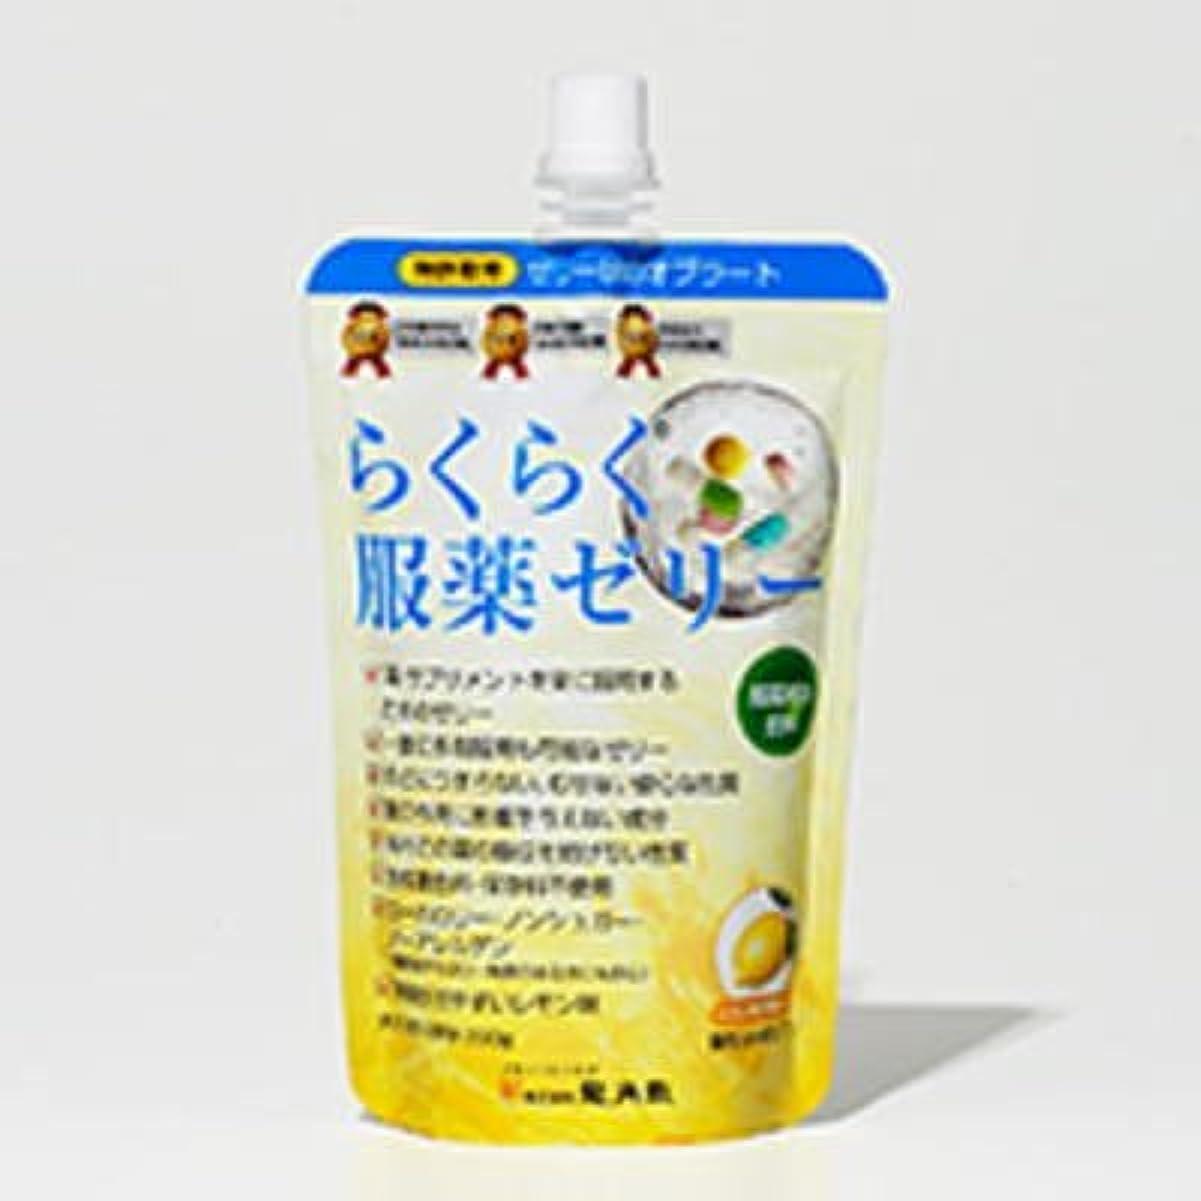 講堂ぶら下がる層龍角散 らくらく服薬ゼリー チアパック レモン味 200g×10袋セット